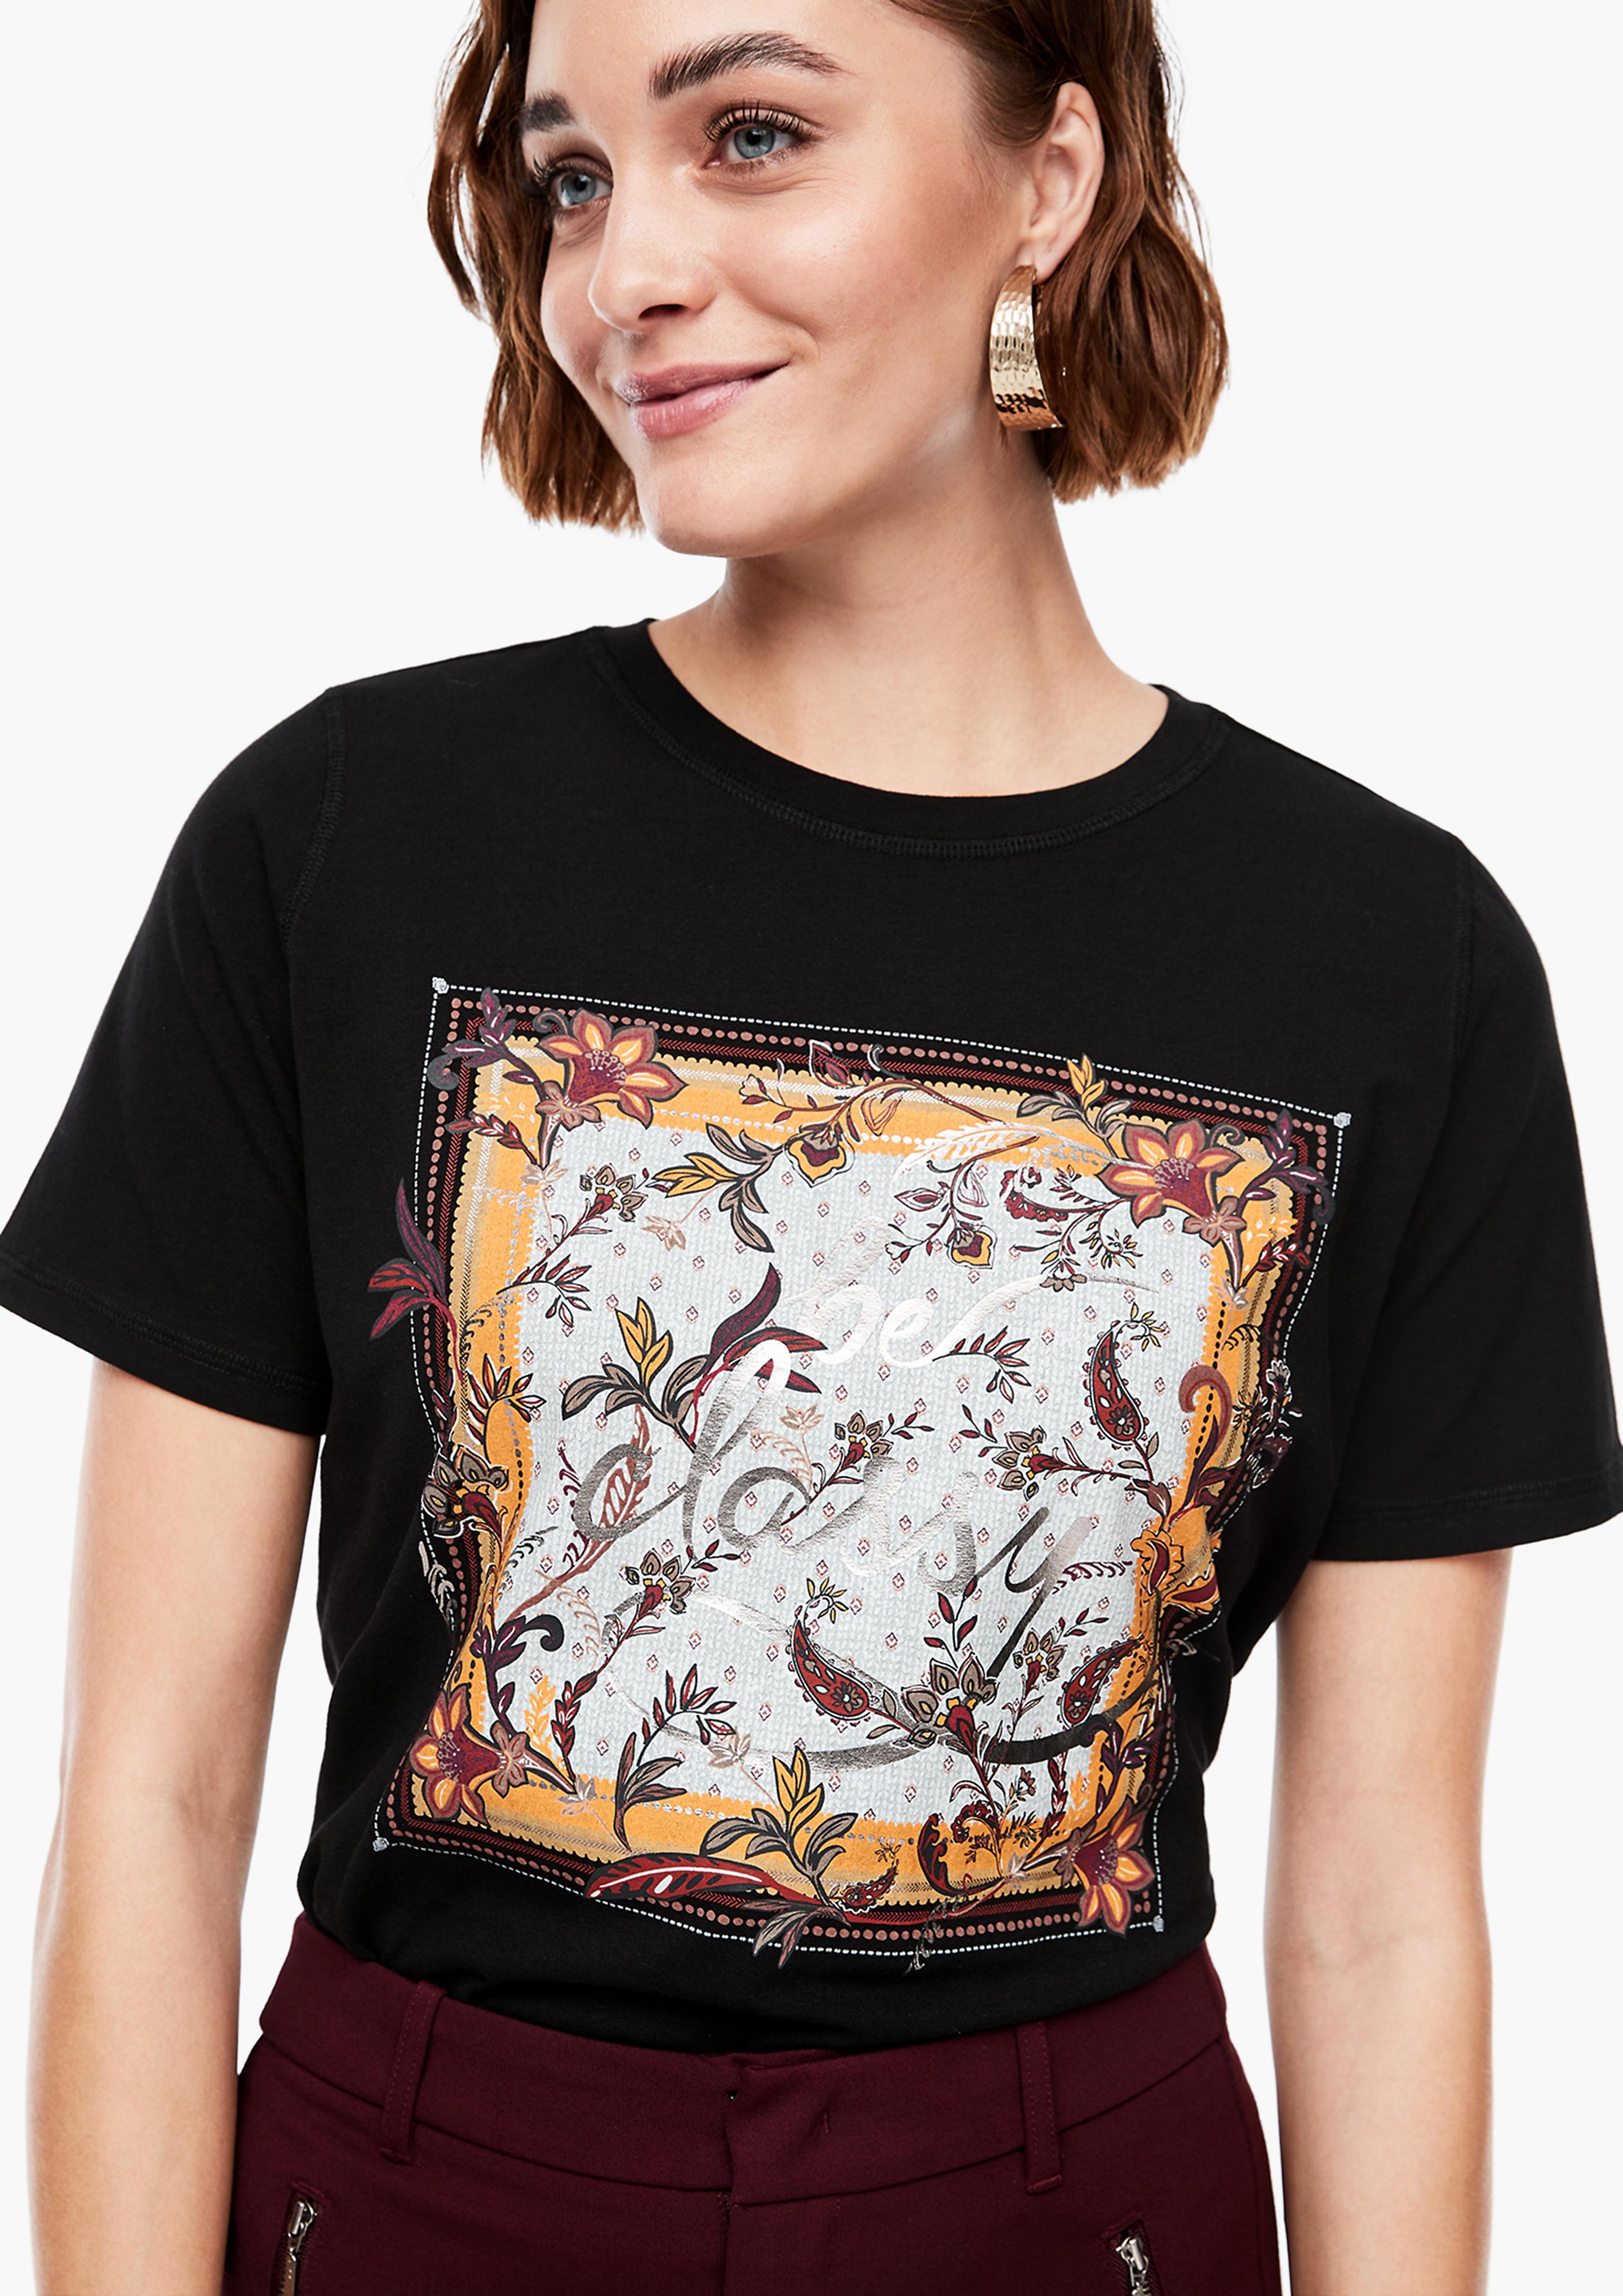 s.Oliver dámské tričko s potiskem 14.009.32.6054/99D1 Černá 36